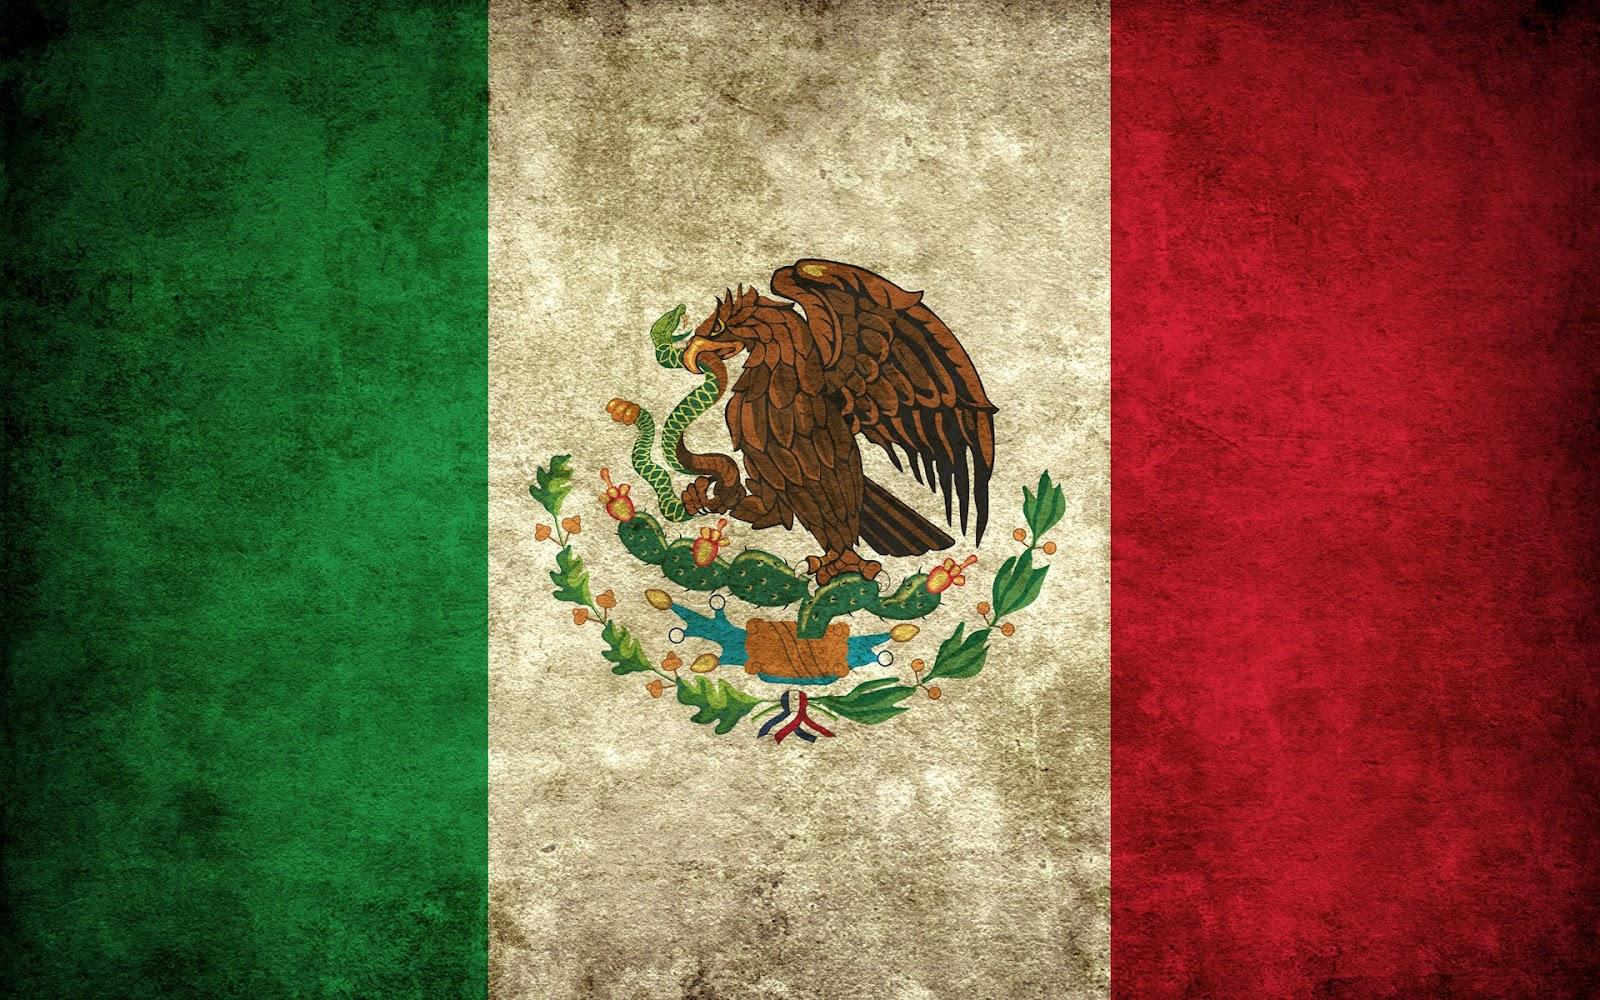 24 DE FEBRERO: DÍA DE ESPERANZA, UNIDAD Y NACIONALISMO EN MÉXICO